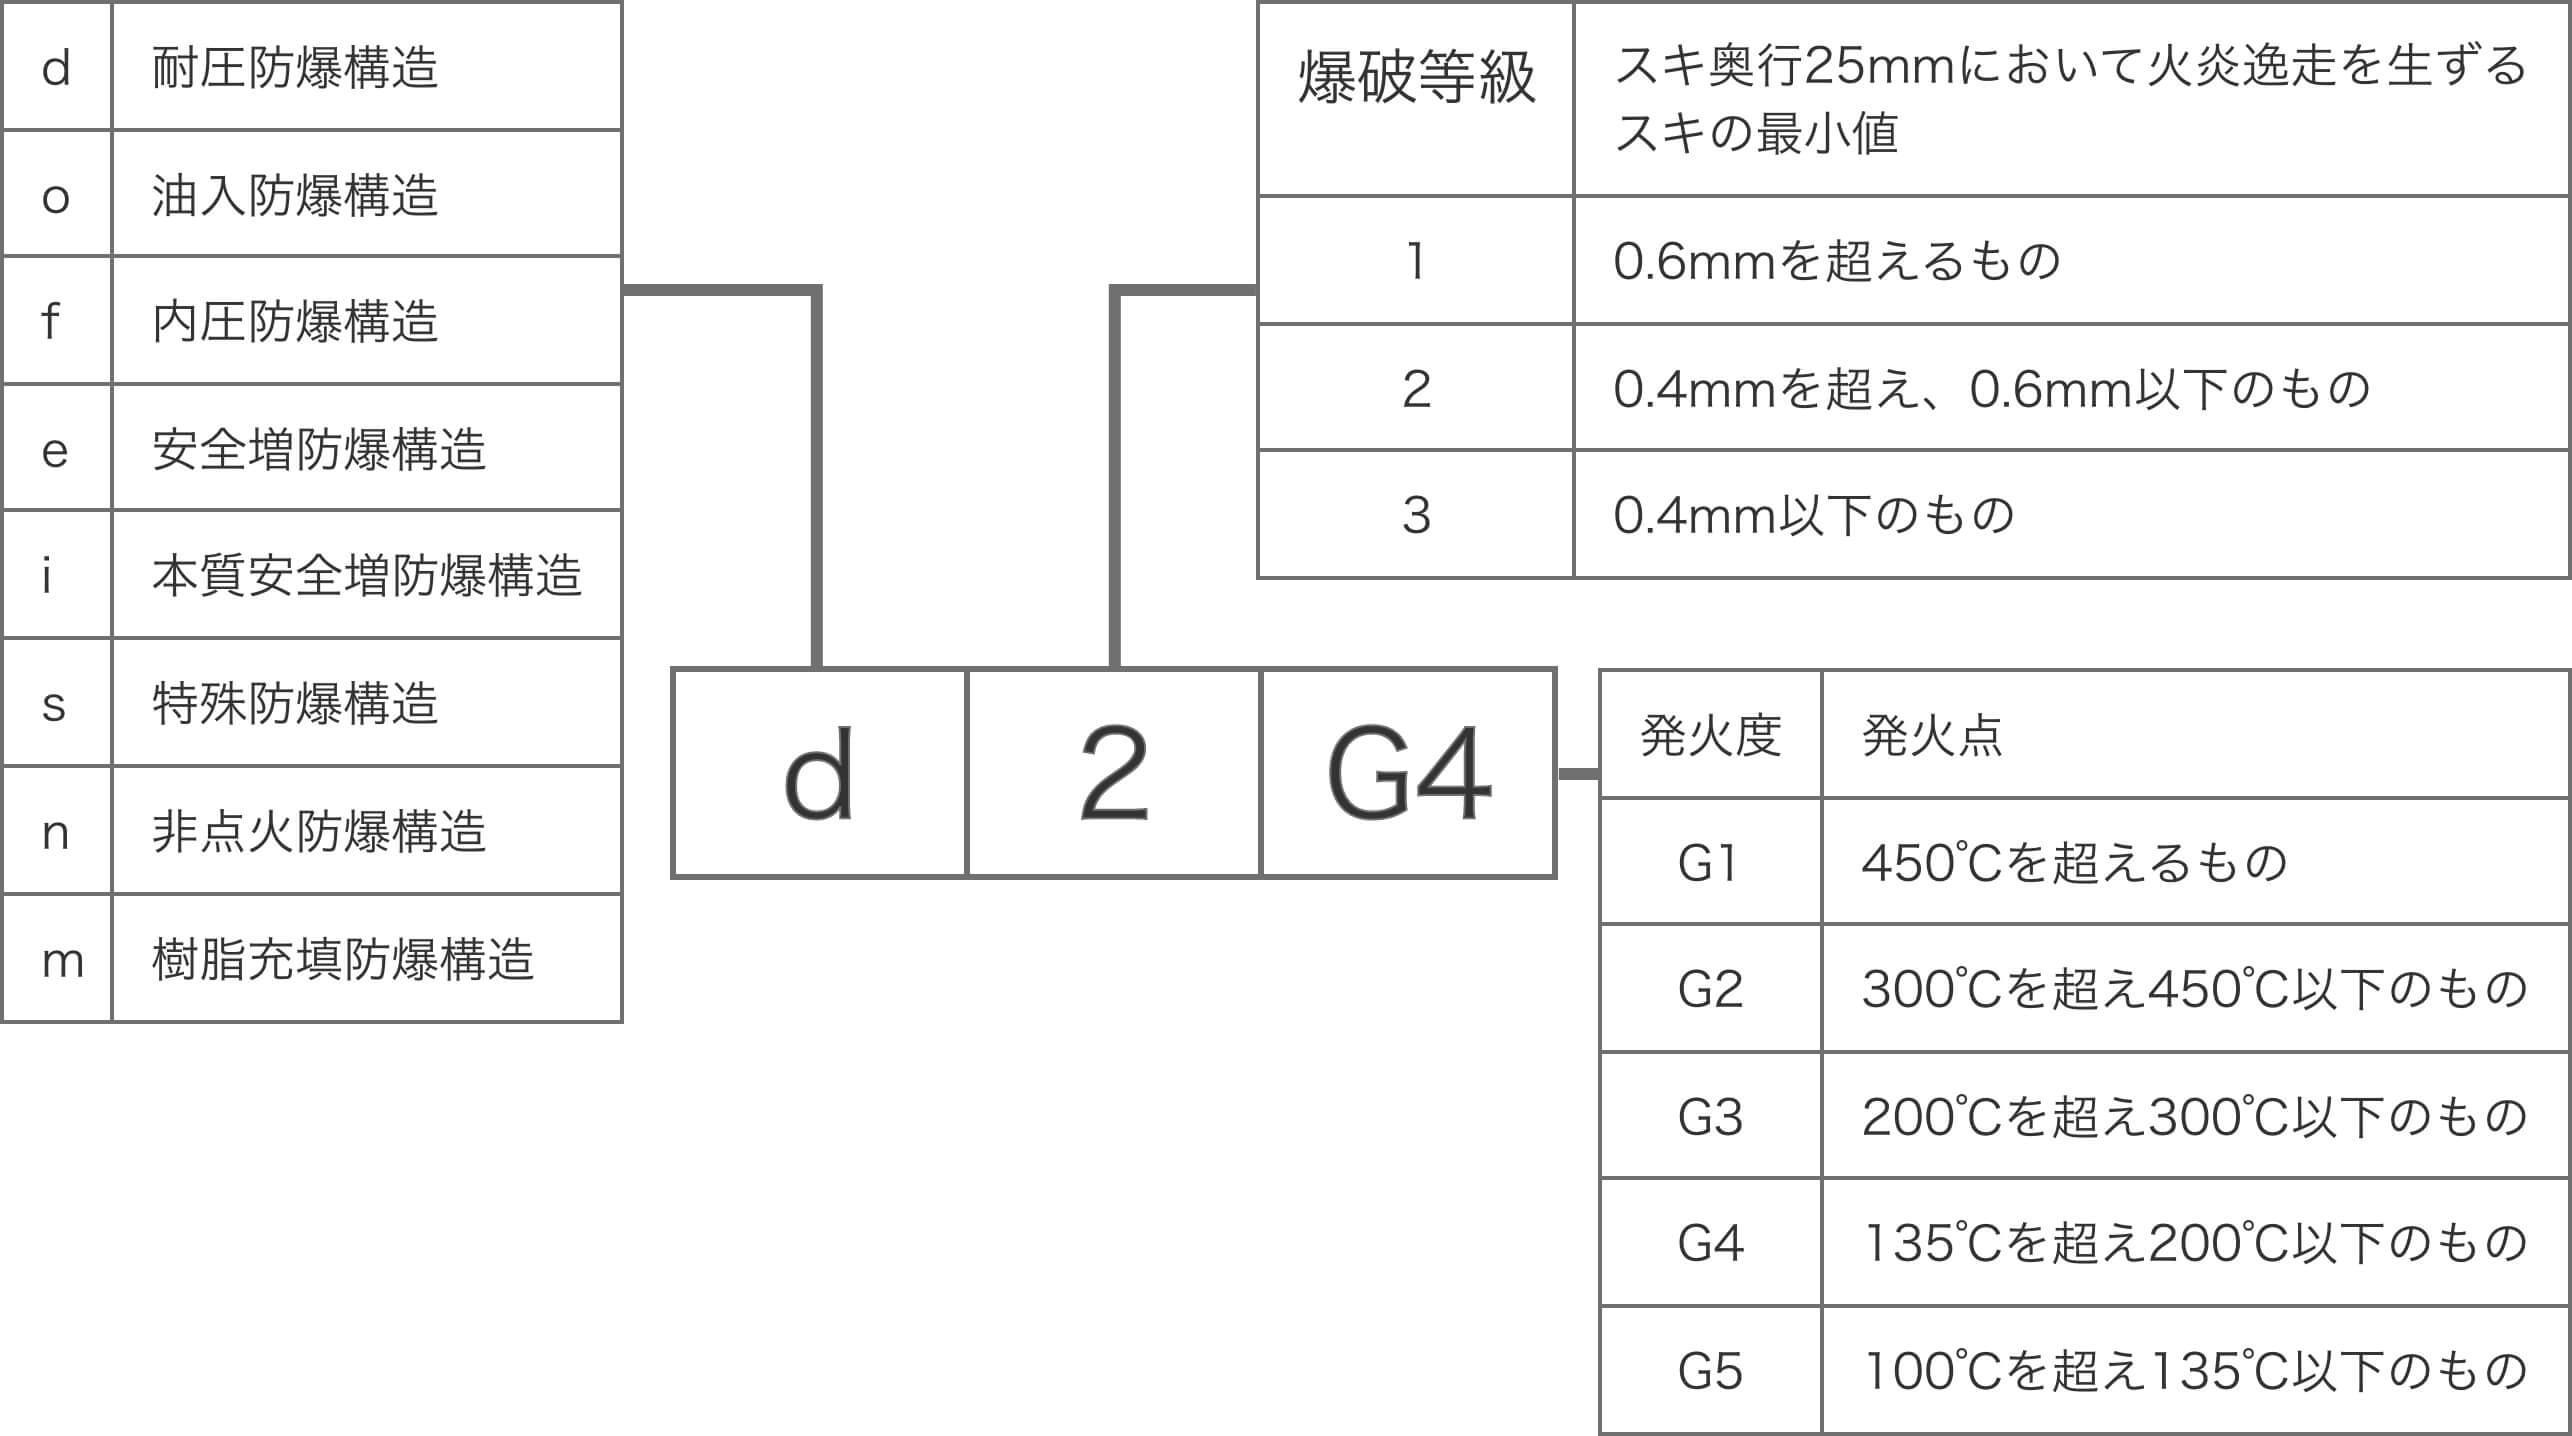 防爆構造の構造規格による防爆記号の表記方法